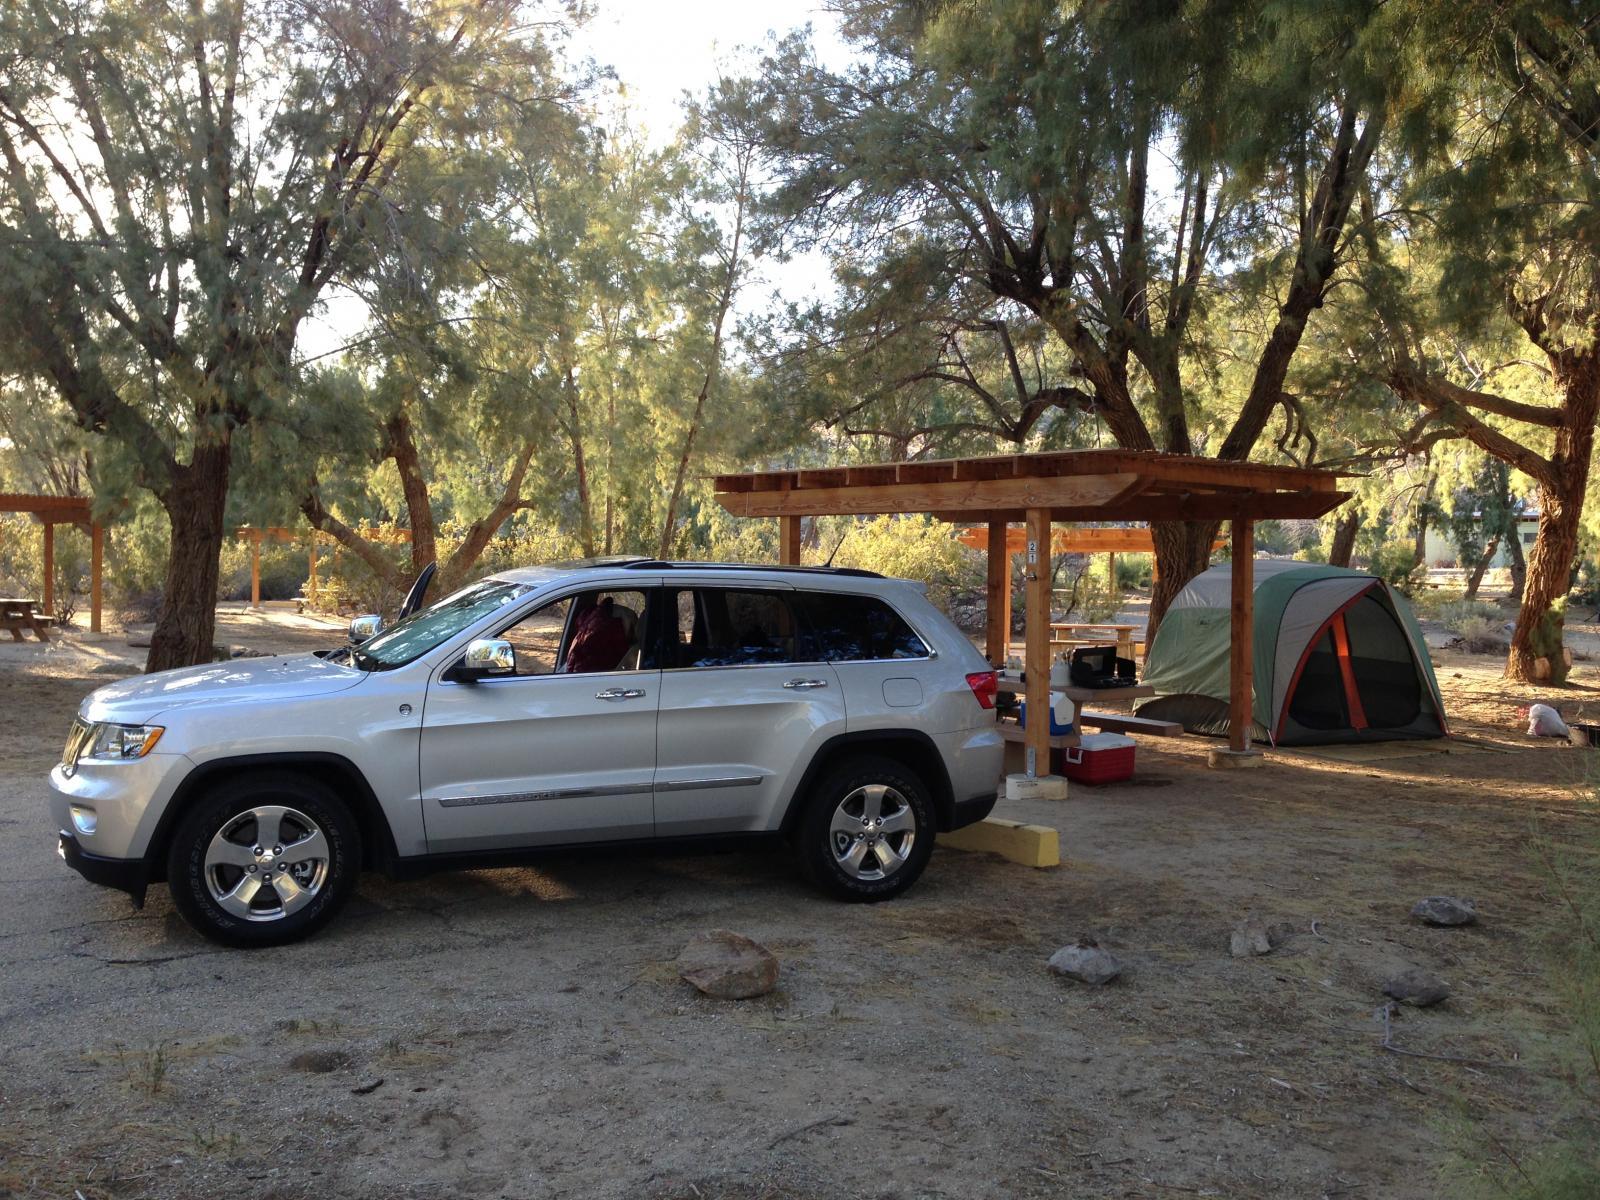 Anza Borrego - Tamarisk Grove camping